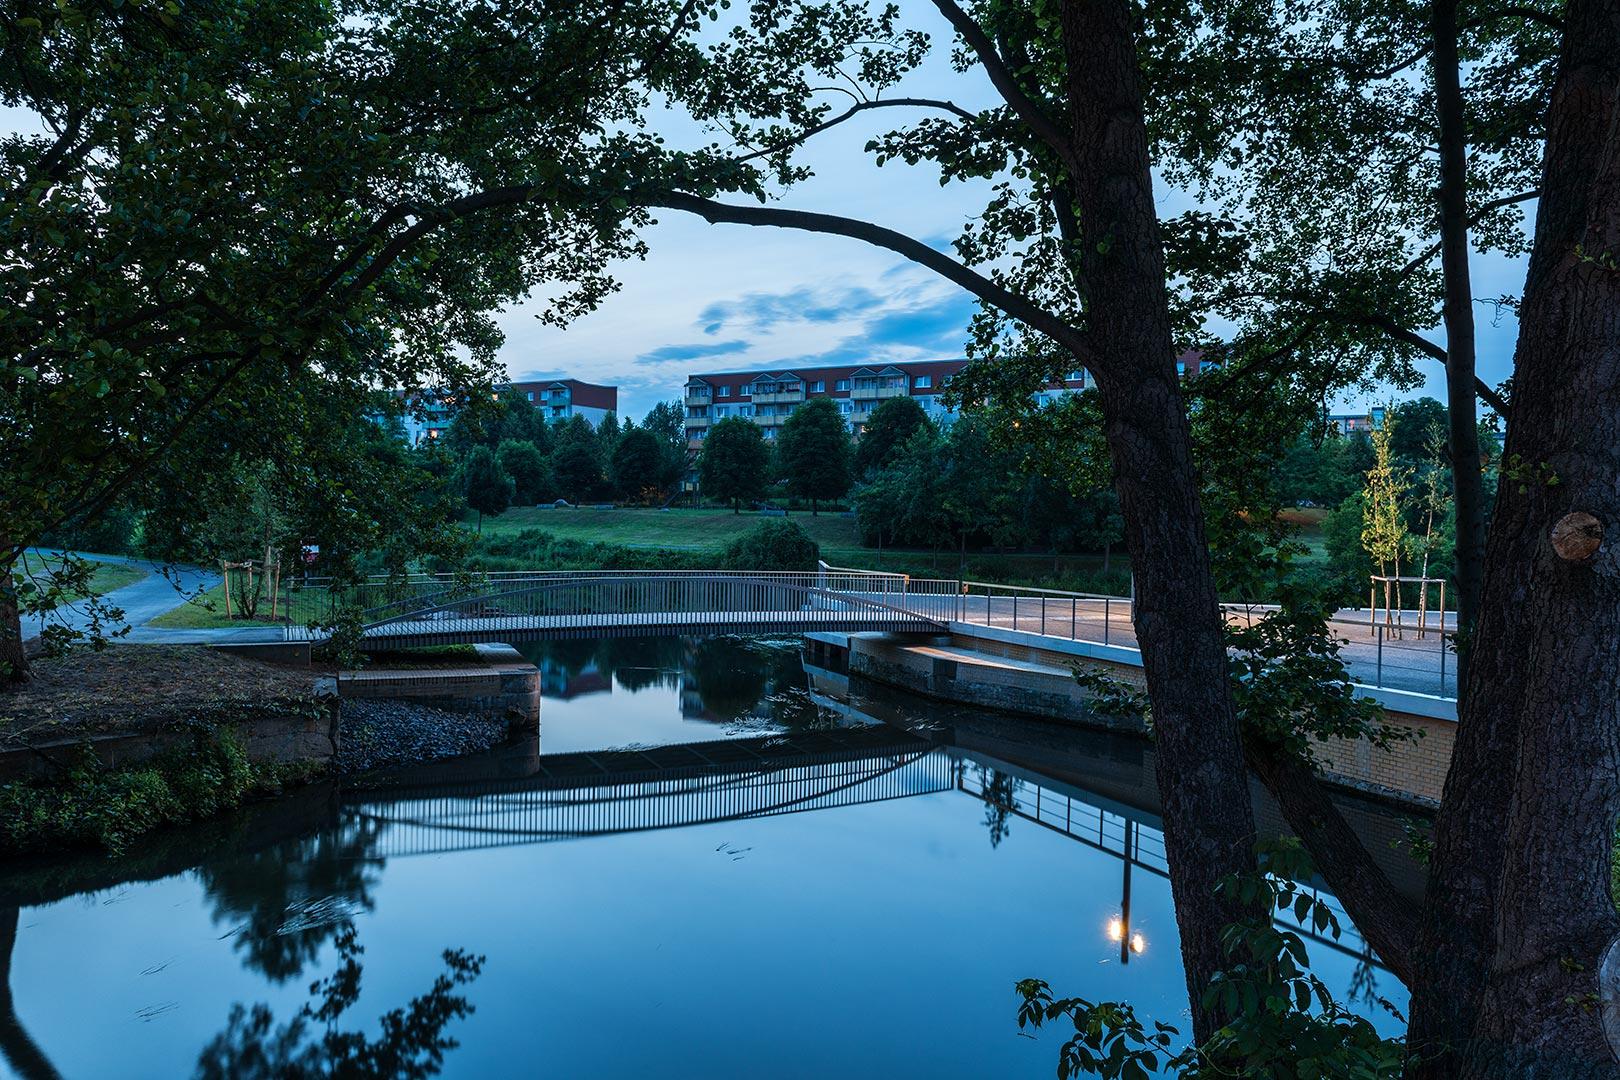 Brücke über die Schwärze, Eberswalde | Sauerzapfe Architekten